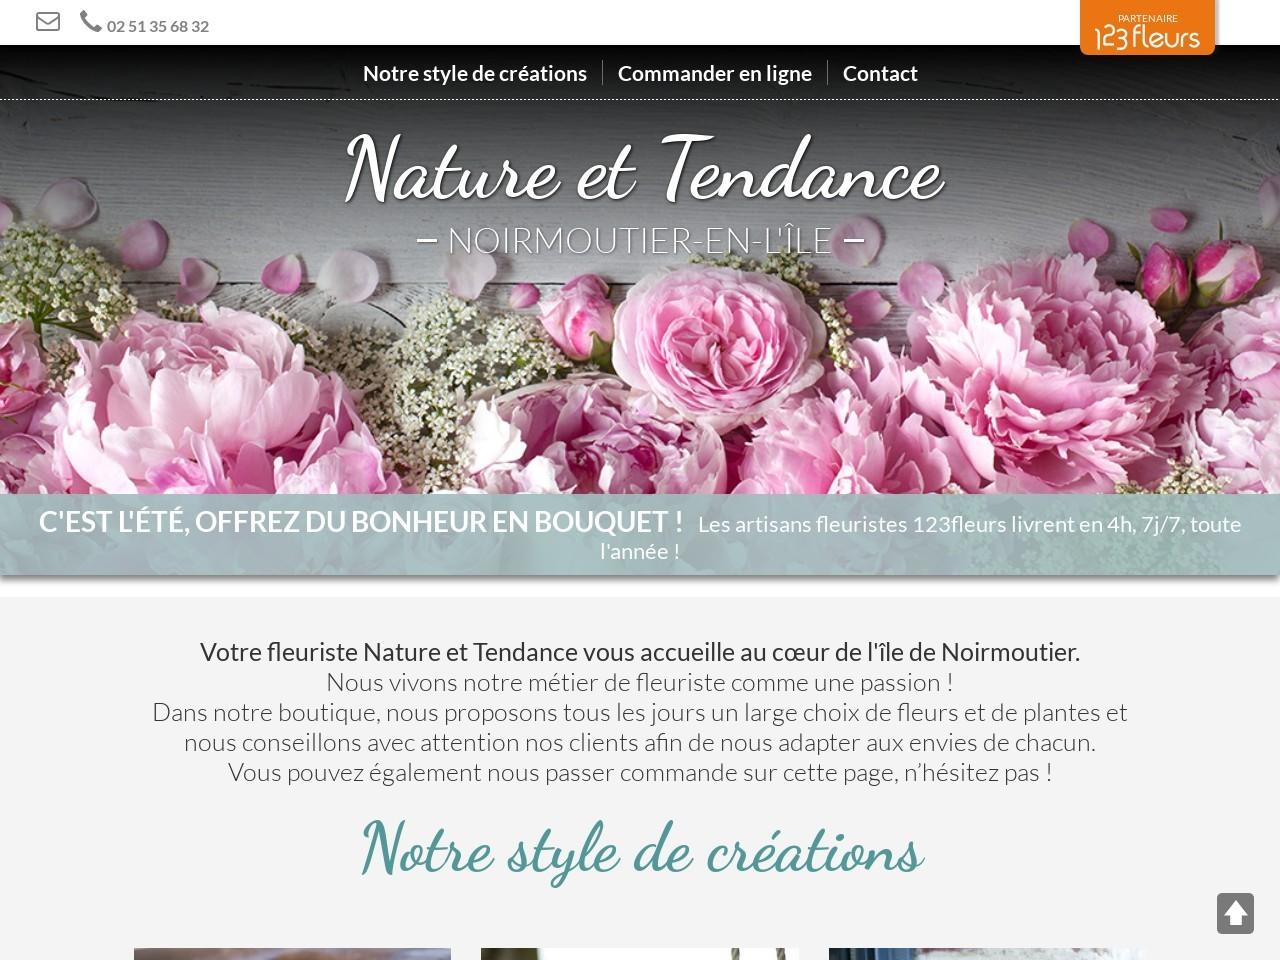 Site fleuriste Nature et Tendance - 123fleurs